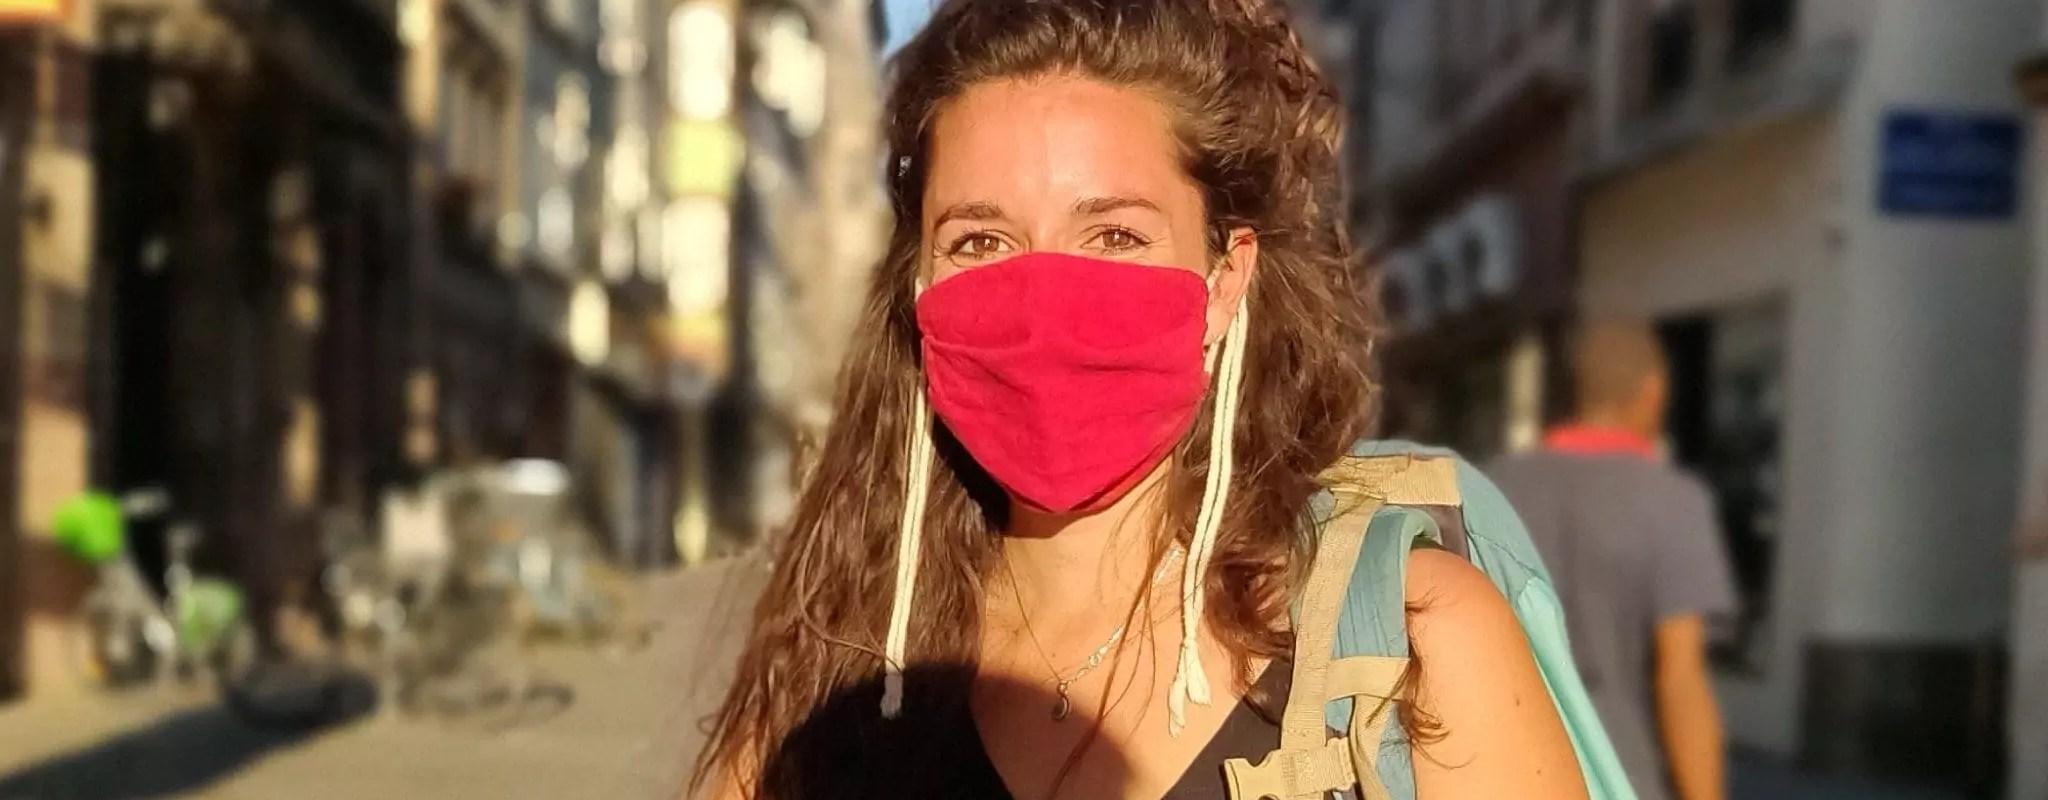 Avec Malvina Duval-Ortiz, Strasbourgeoise engagée contre la précarité alimentaire